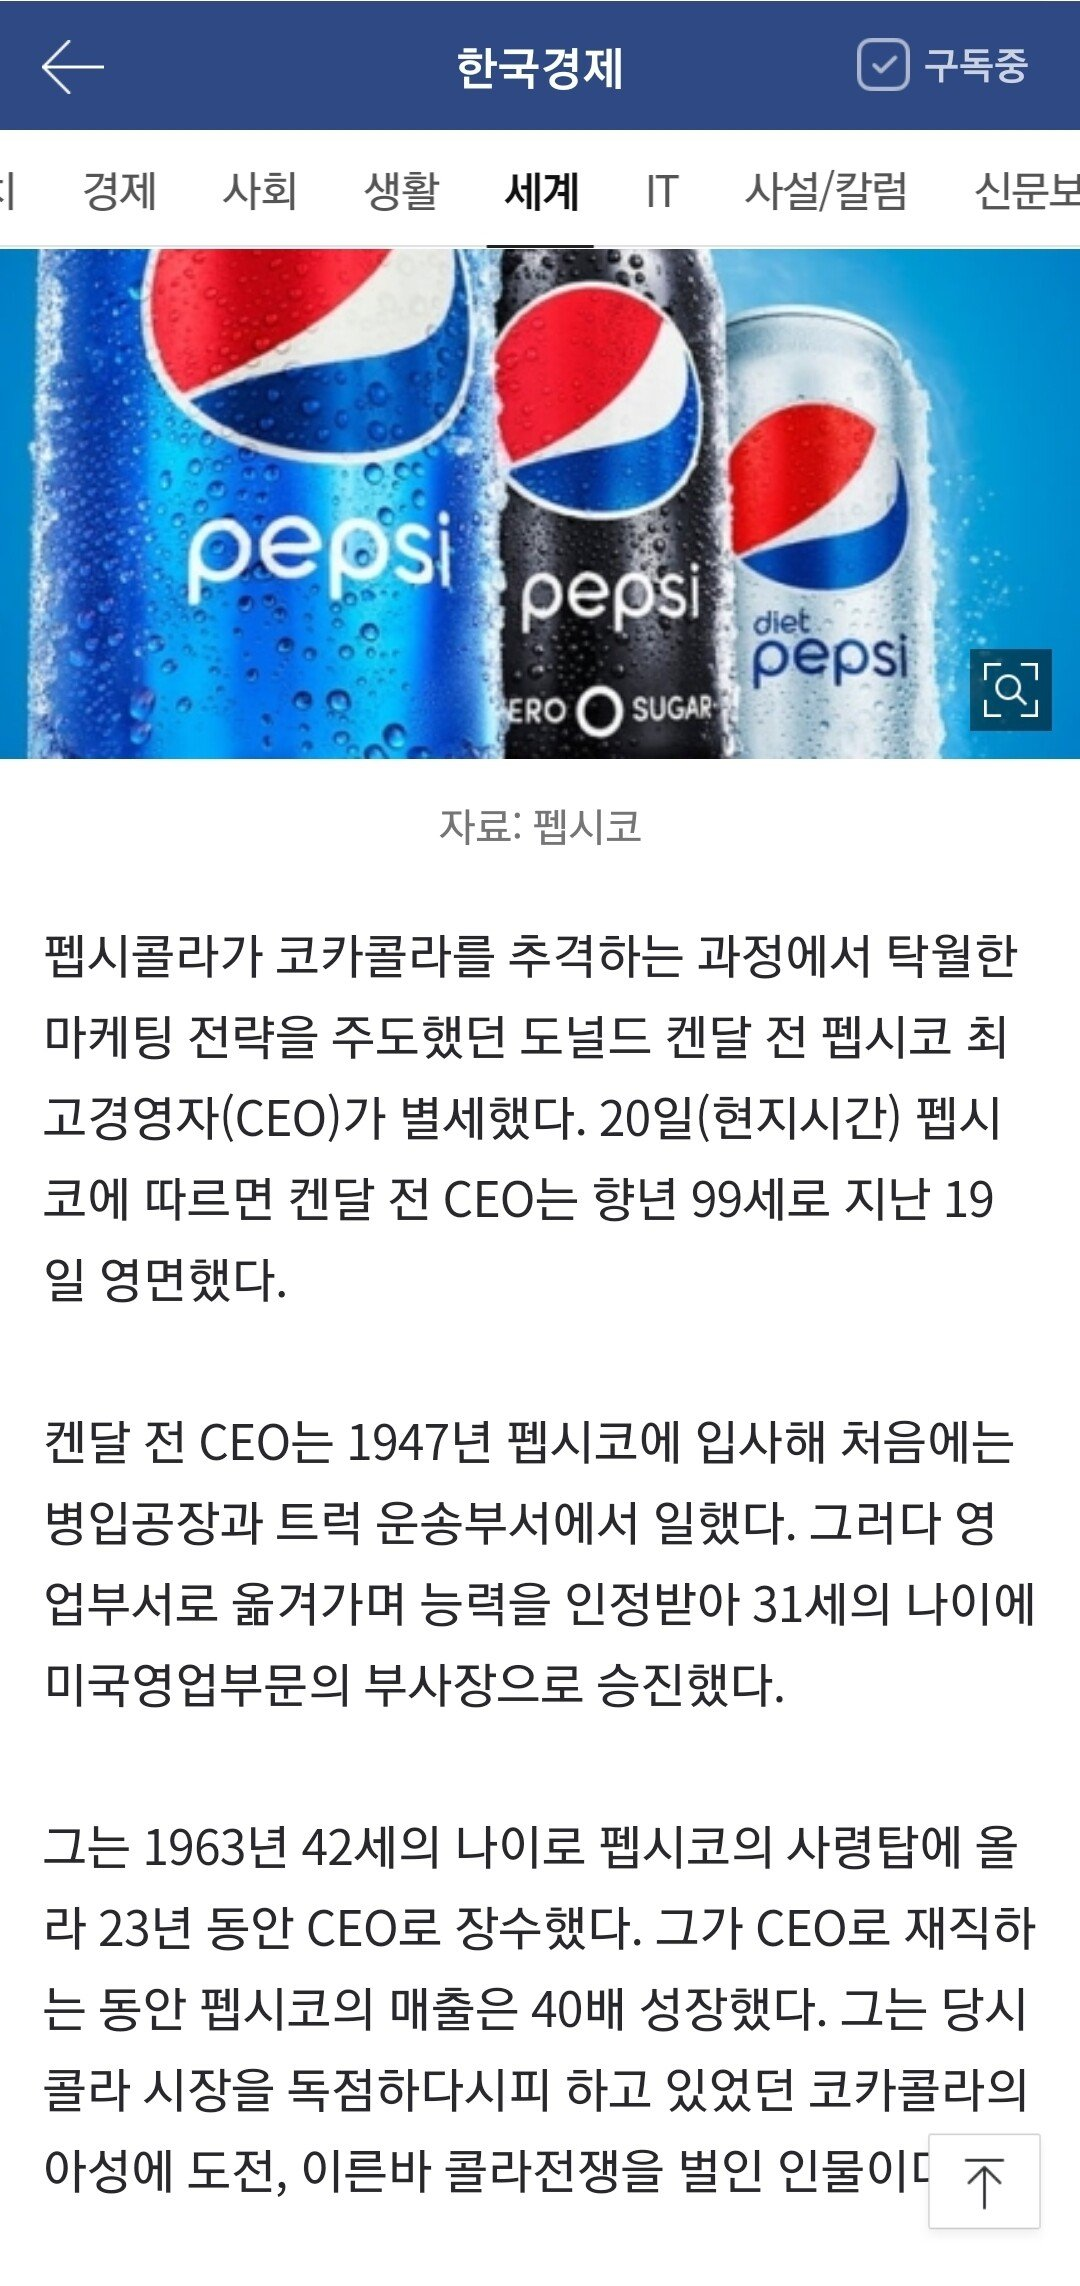 \'코크 vs 펩시\' 주도한 마케팅 귀재, 켄달 전 펩시코 CEO 별세